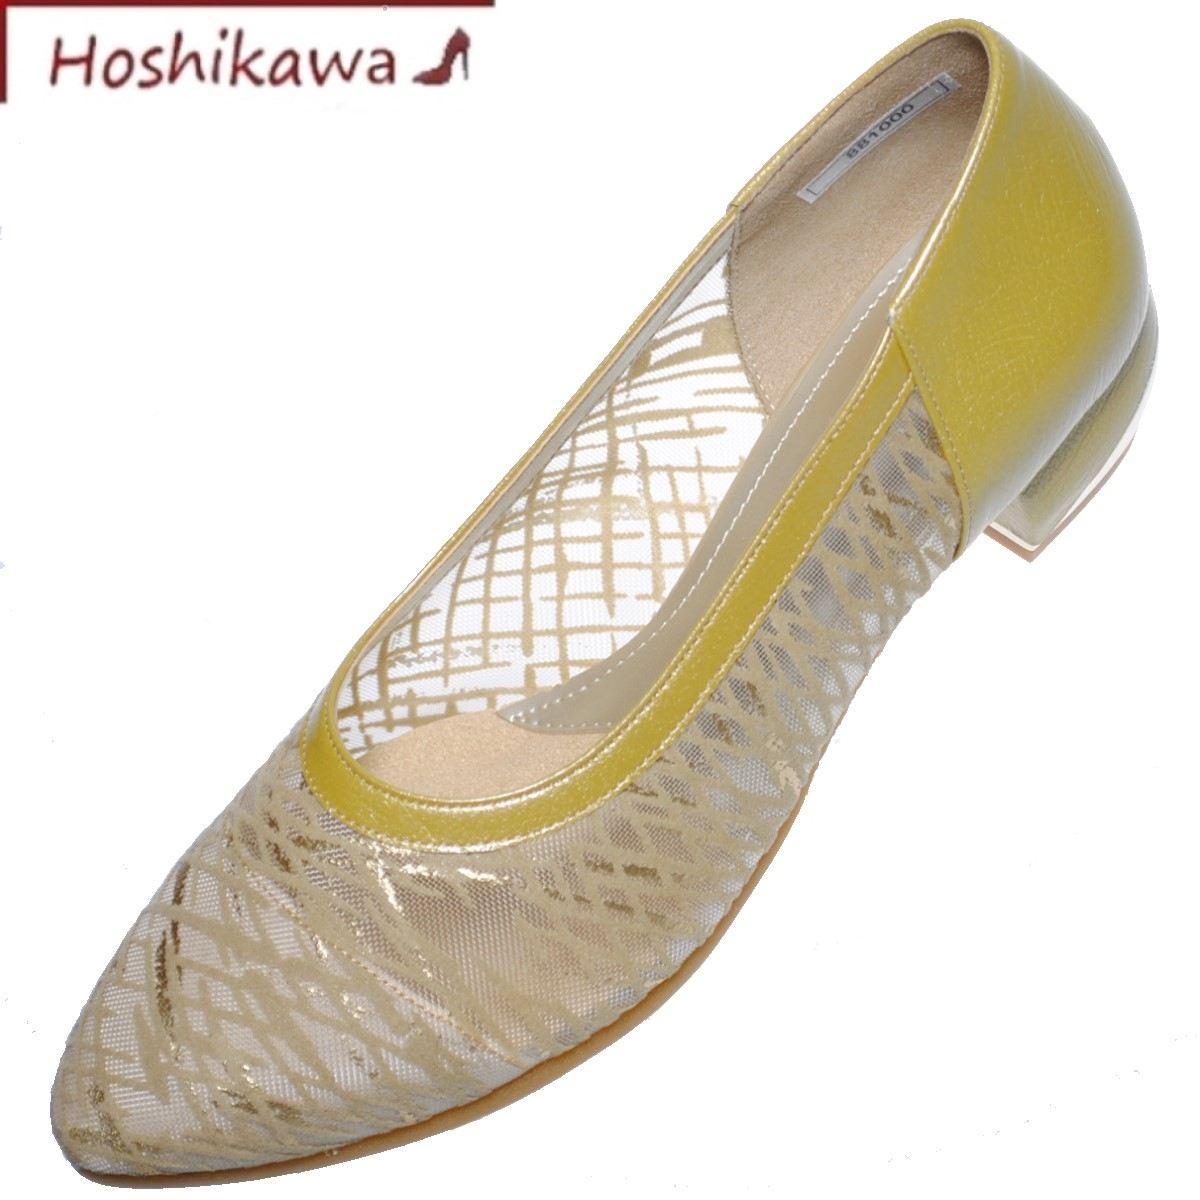 【靴のHOSHIKAWA】 『MONET 881000』 モネ イエロー21.5cm~24.5cm EEE 春夏パンプス レディース ローヒール 牛革 チュールレース